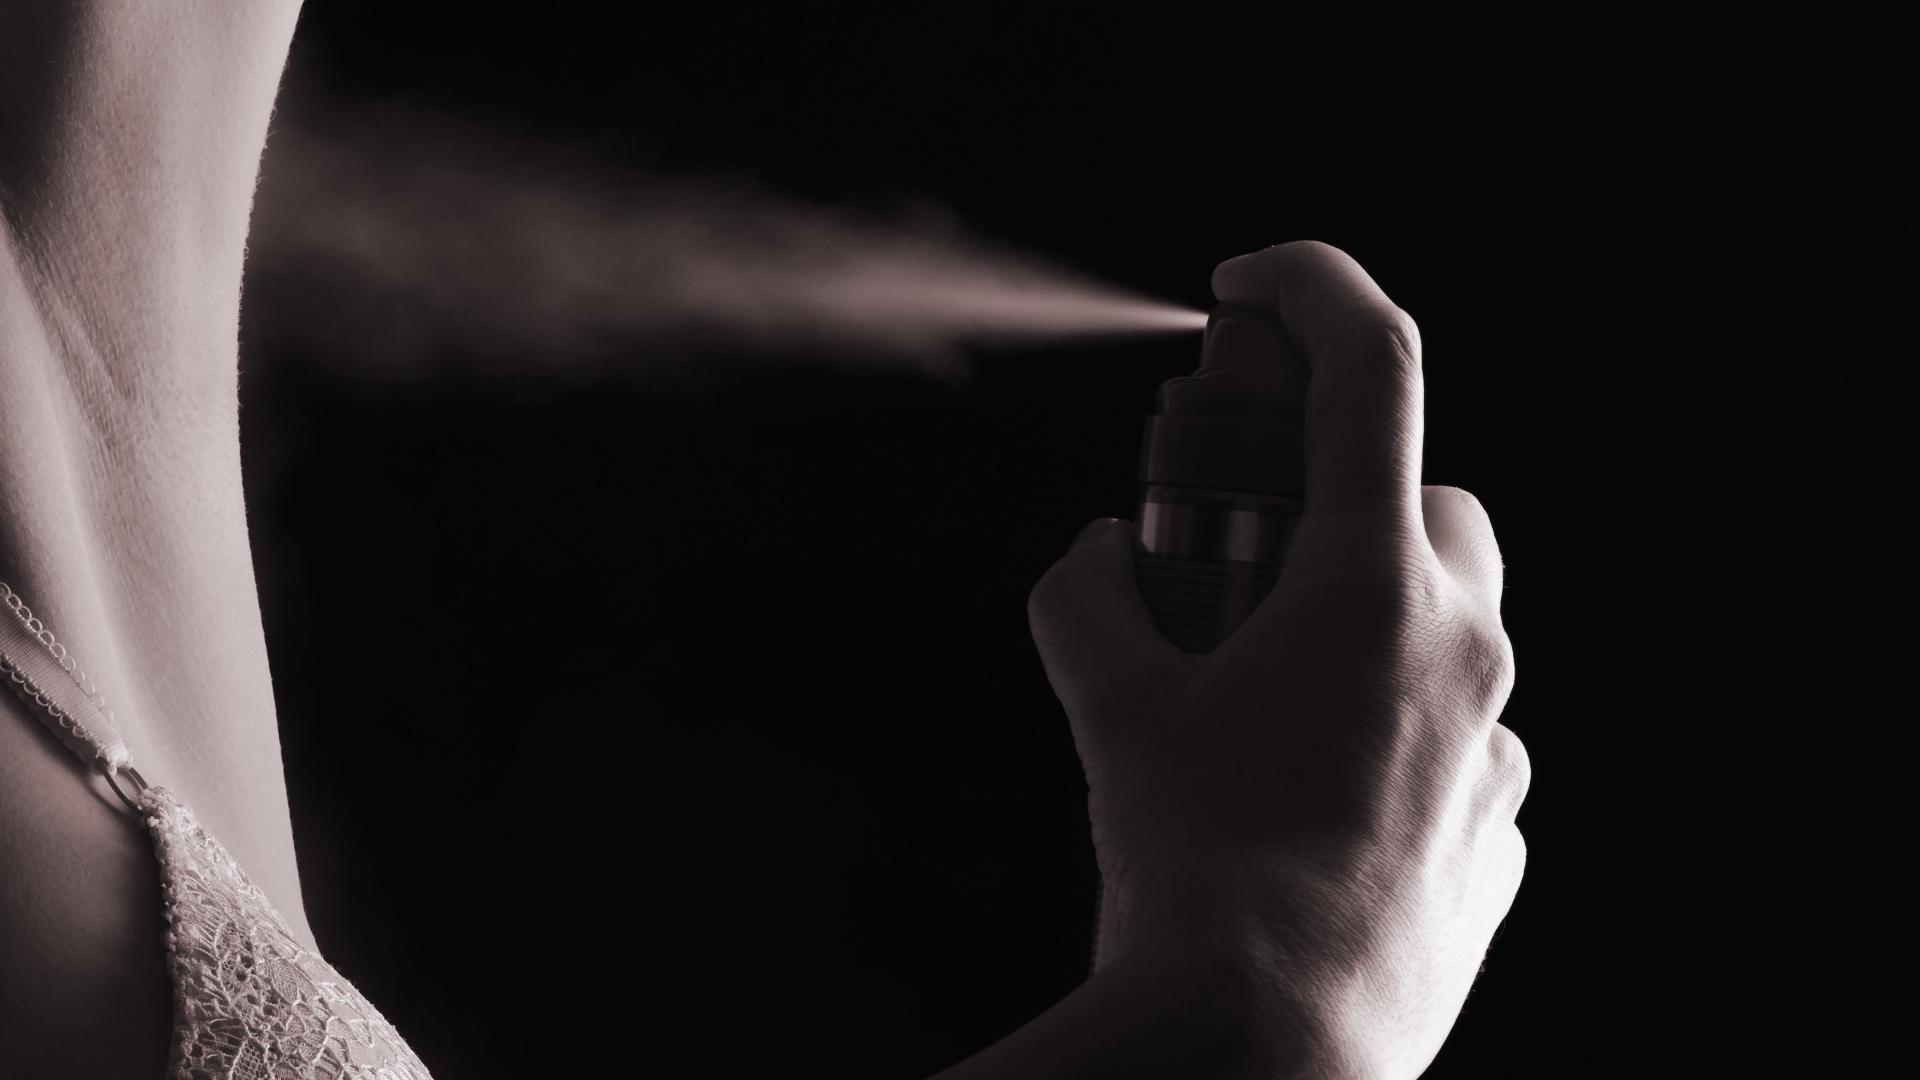 O której godzinie najlepiej stosować dezodorant?